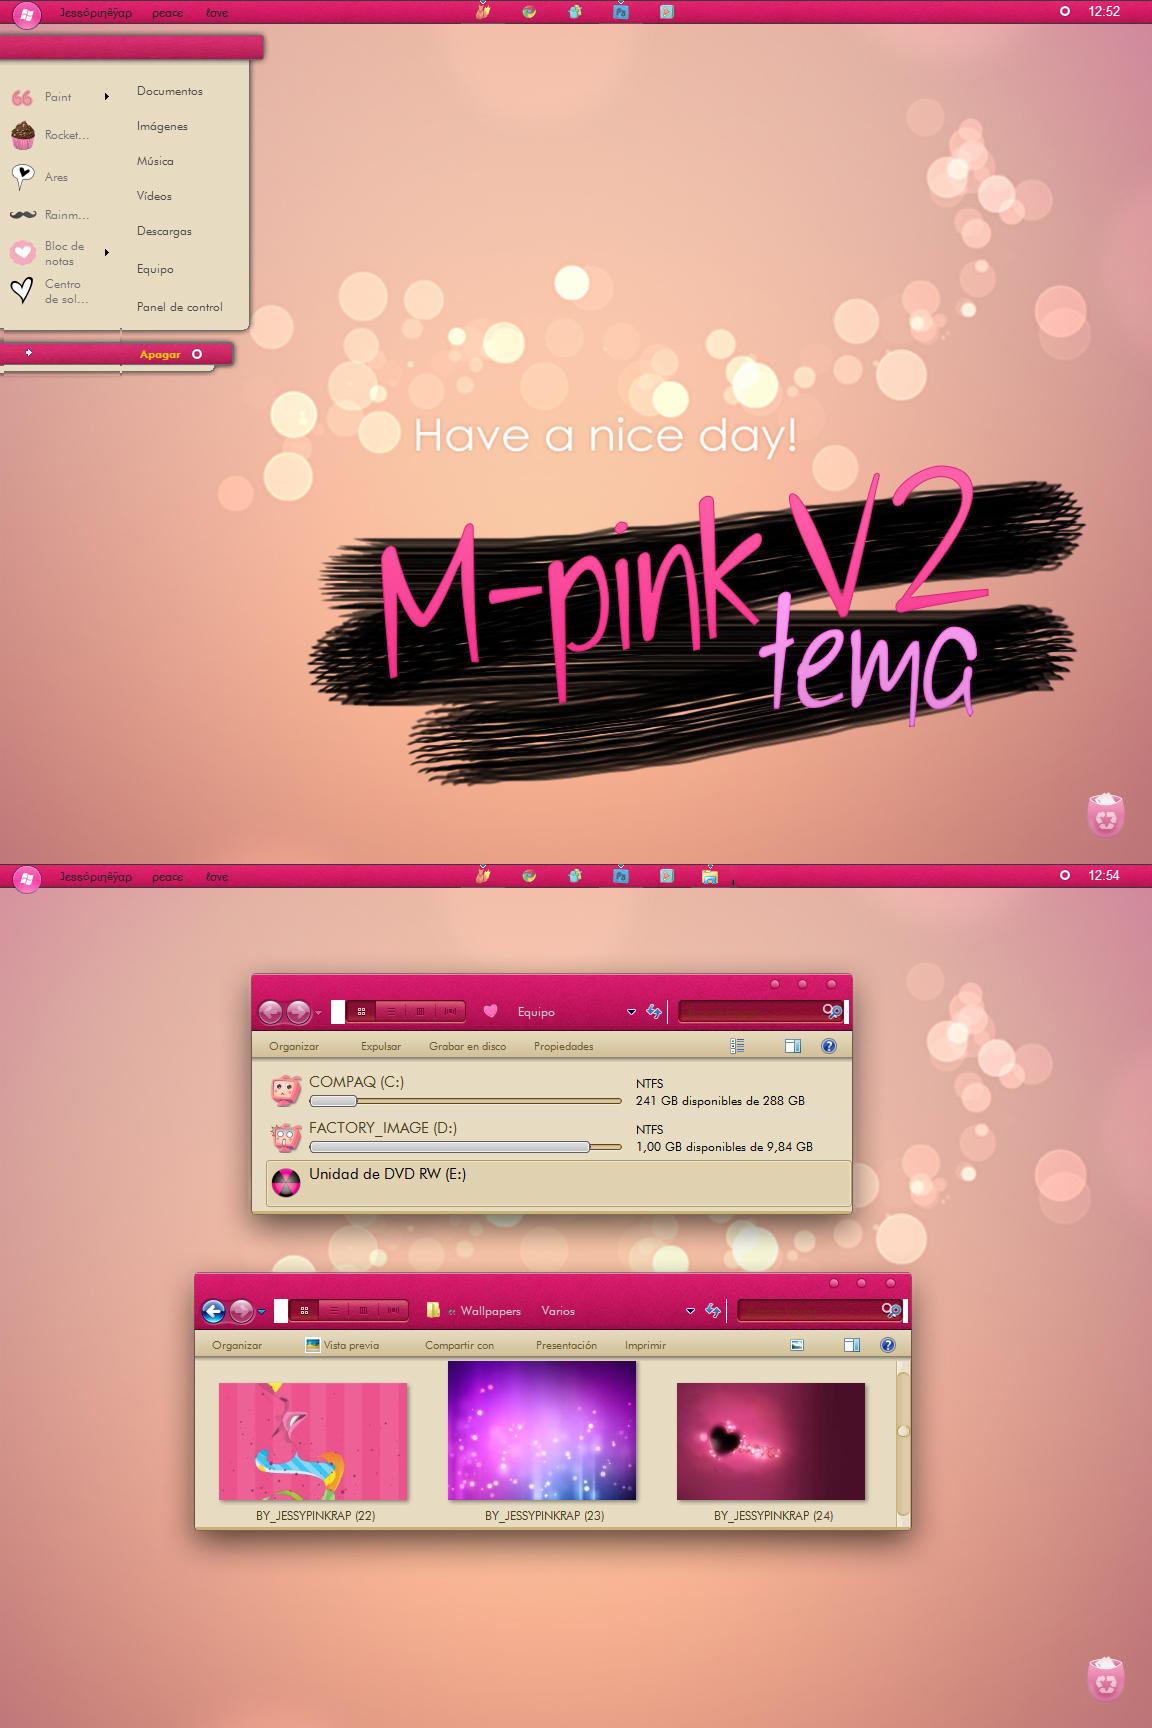 V-PINK V2 by jessy-izan